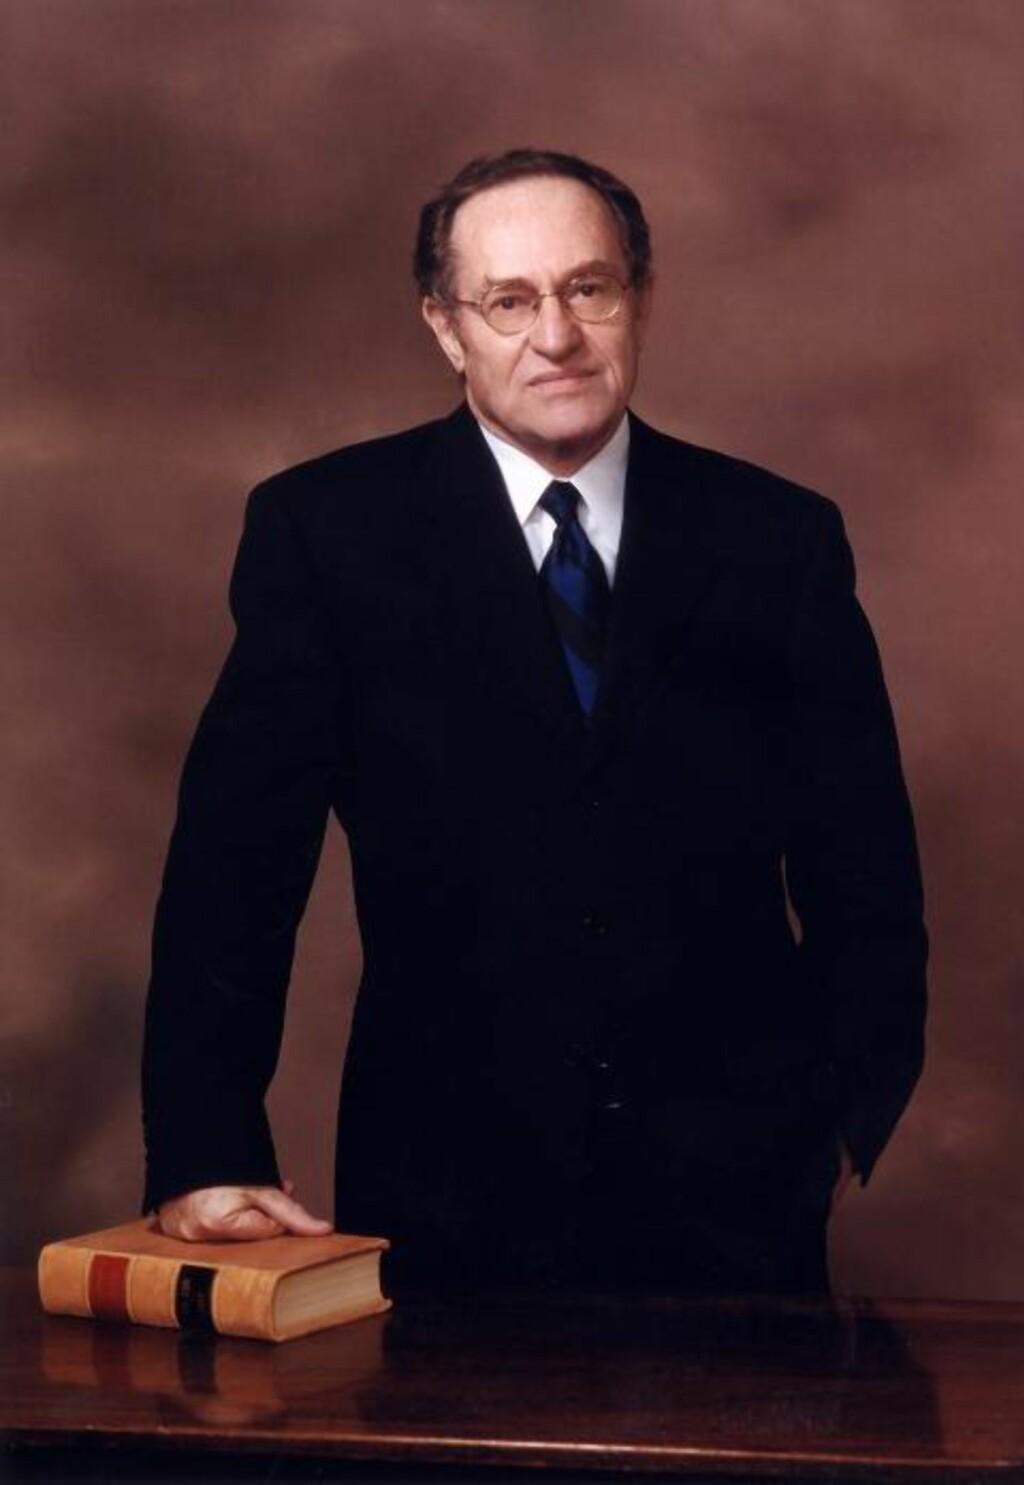 BARE SKJEDD EN GANG FØR - Det er to land i verden som har nektet å åpne universitetsdørene for meg. Det ene var Sør-Afrika da jeg forsvarte Nelson Mandela. Det andre er Norge, som følge av at jeg kan tilby et annet syn på Israel enn det som er reglene, sier den anerkjente advokaten, forfatteren og jusprofessoren, Alan Dershowitz.